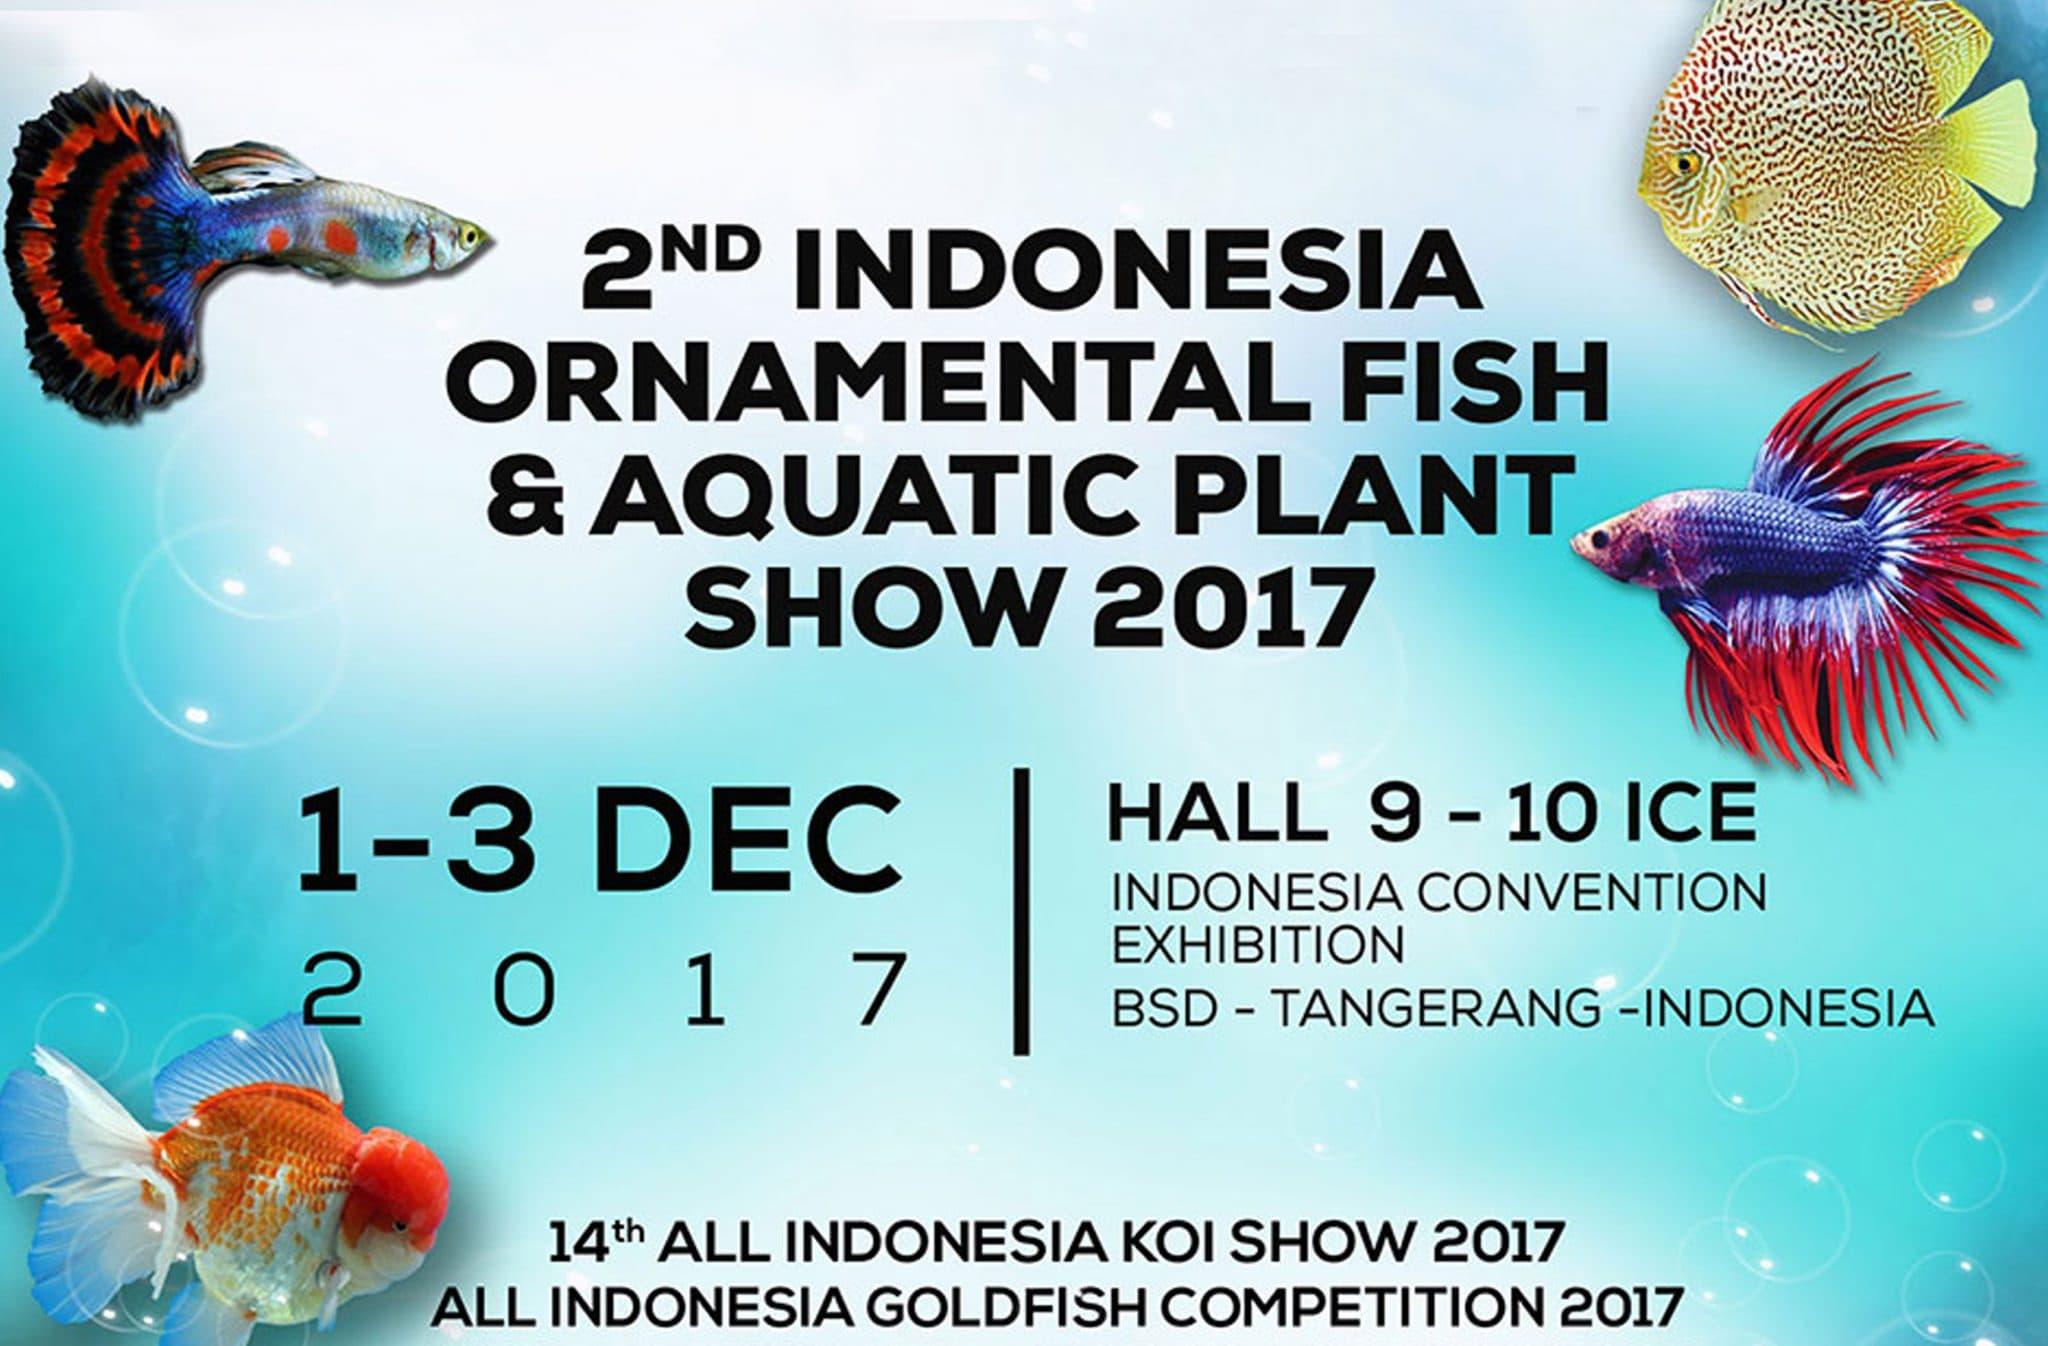 Nusatic 2017 Siap Digelar 1-3 Desember Mendatang